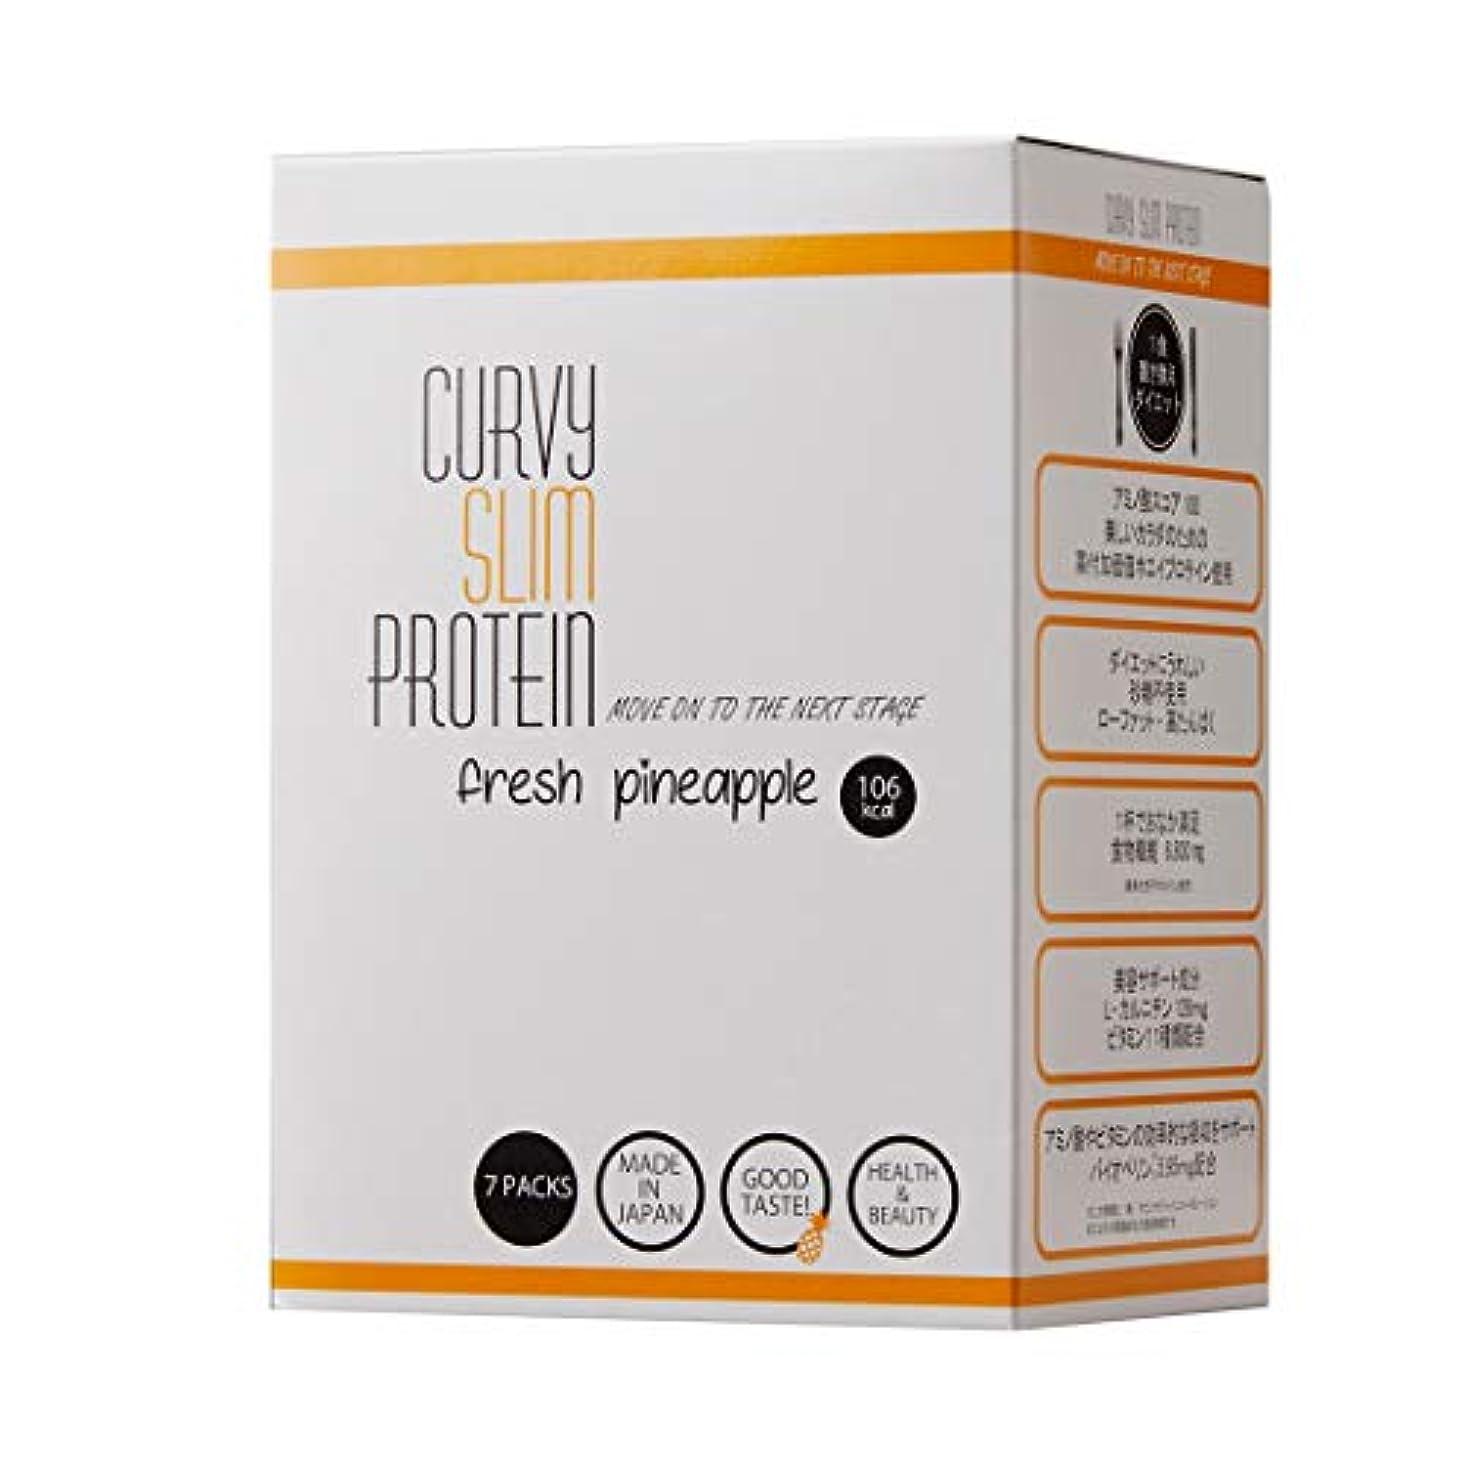 狂う送ったみぞれカーヴィースリム® プロテイン フレッシュパイナップル 置き換え ダイエット 7包(7食分)